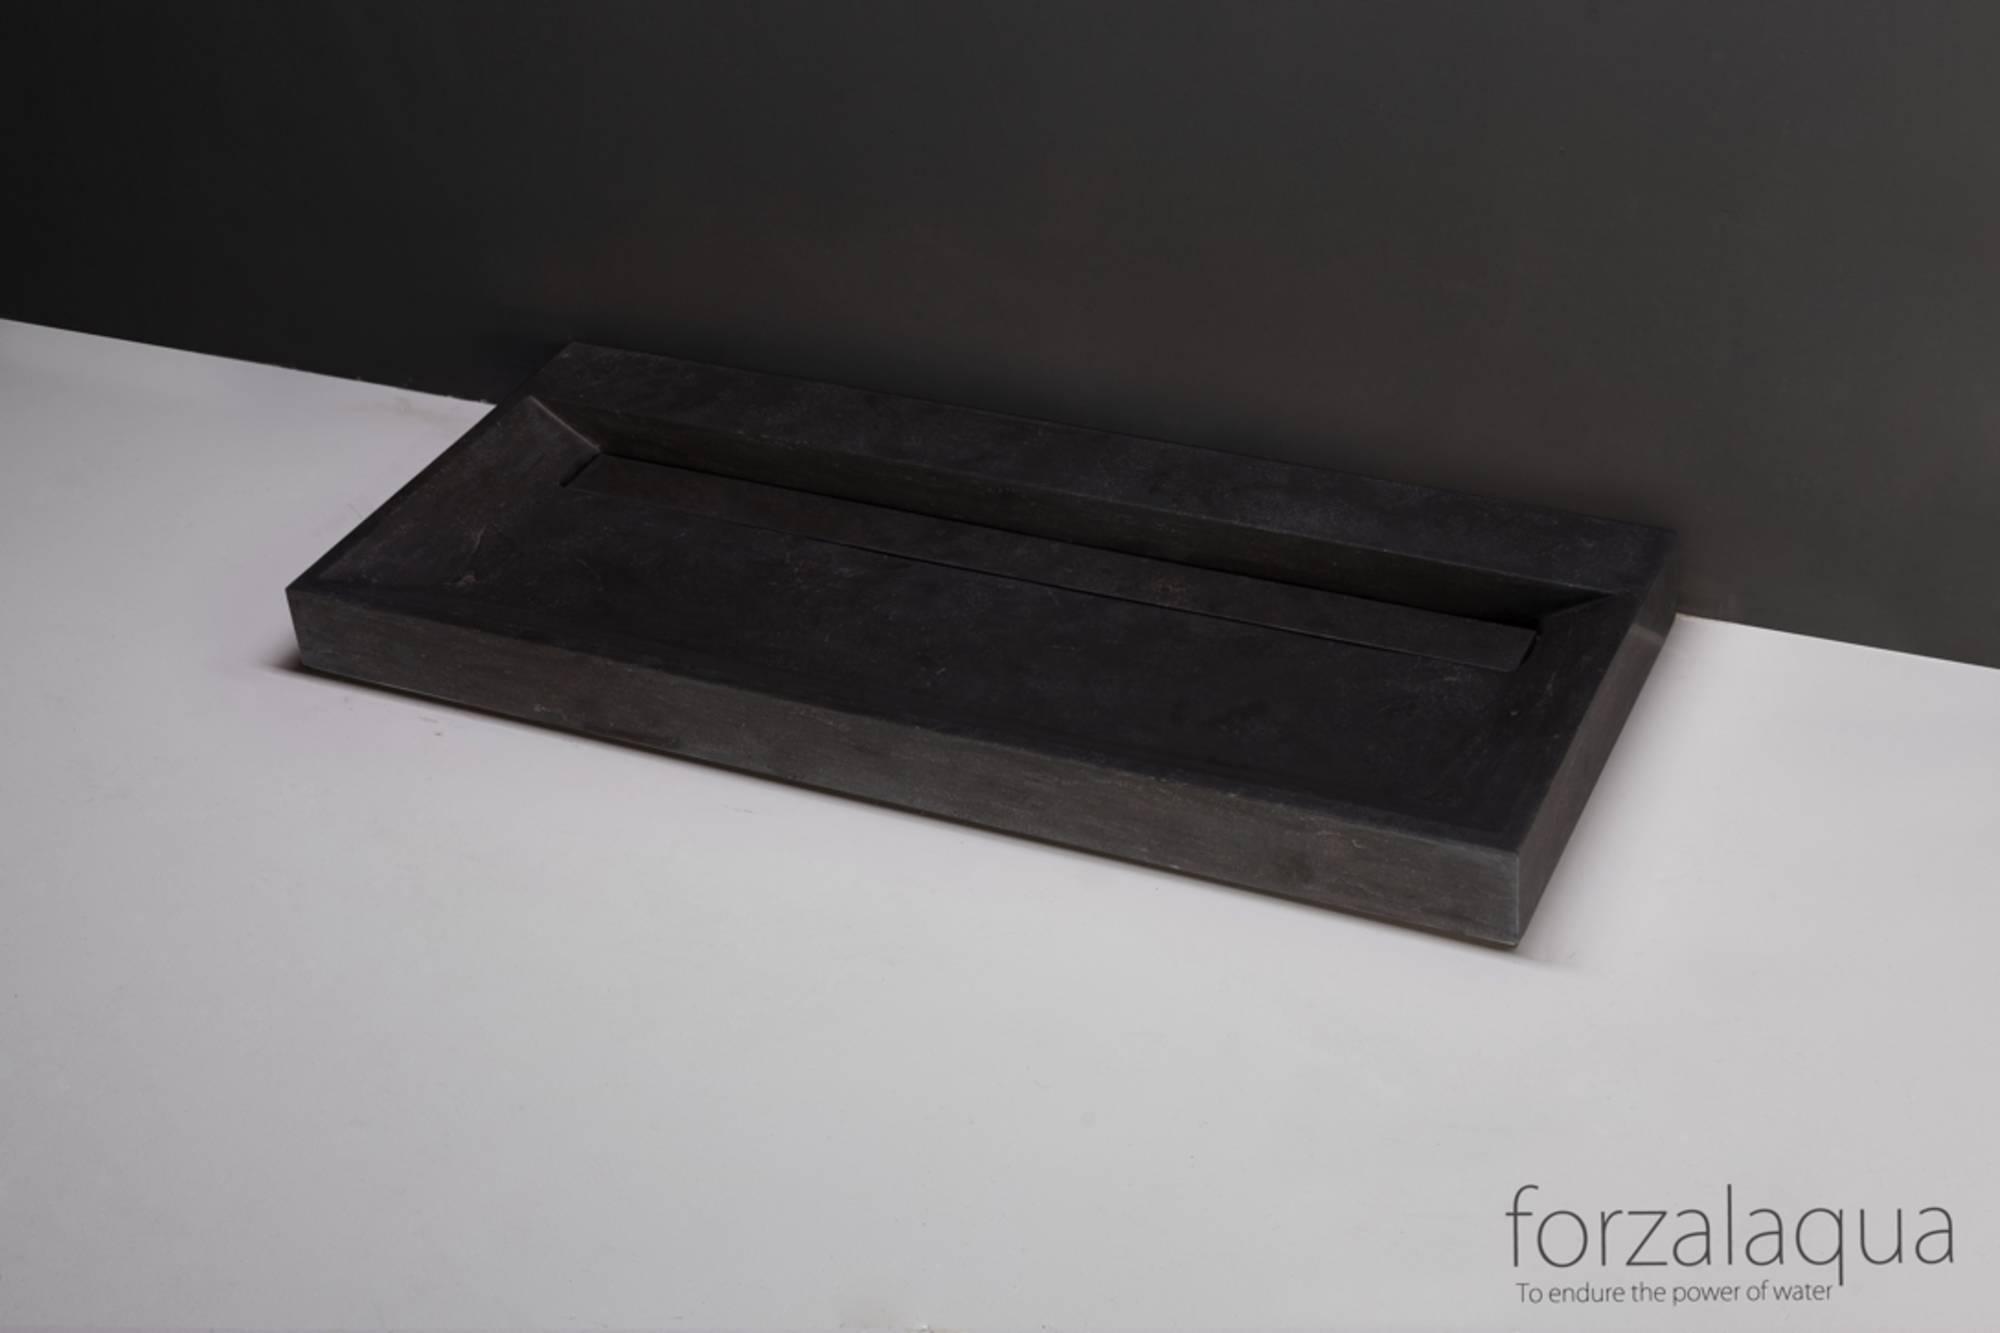 Forzalaqua Bellezza Wastafel 120,5x51,5x9 cm Hardsteen Gezoet